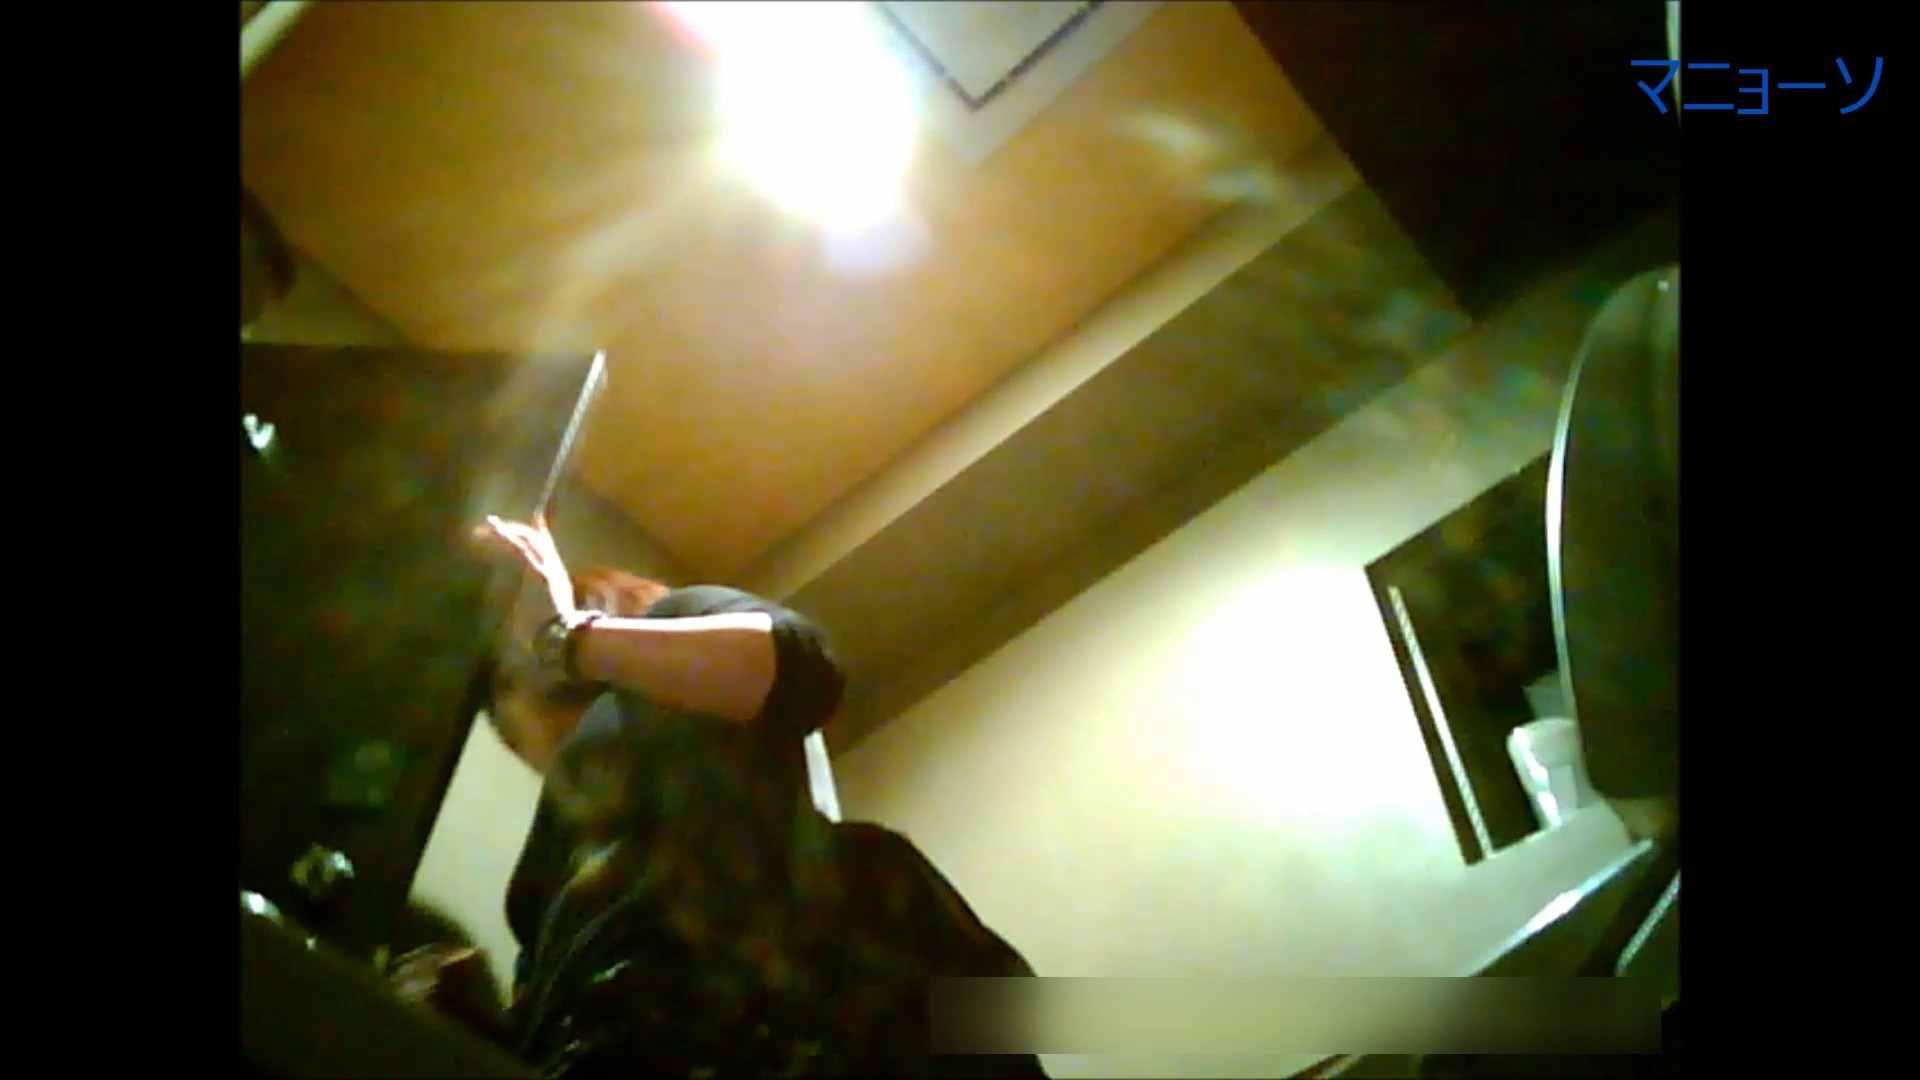 トイレでひと肌脱いでもらいました (番外編)Vol.01 トイレの実態   OLのボディ  87PIX 75